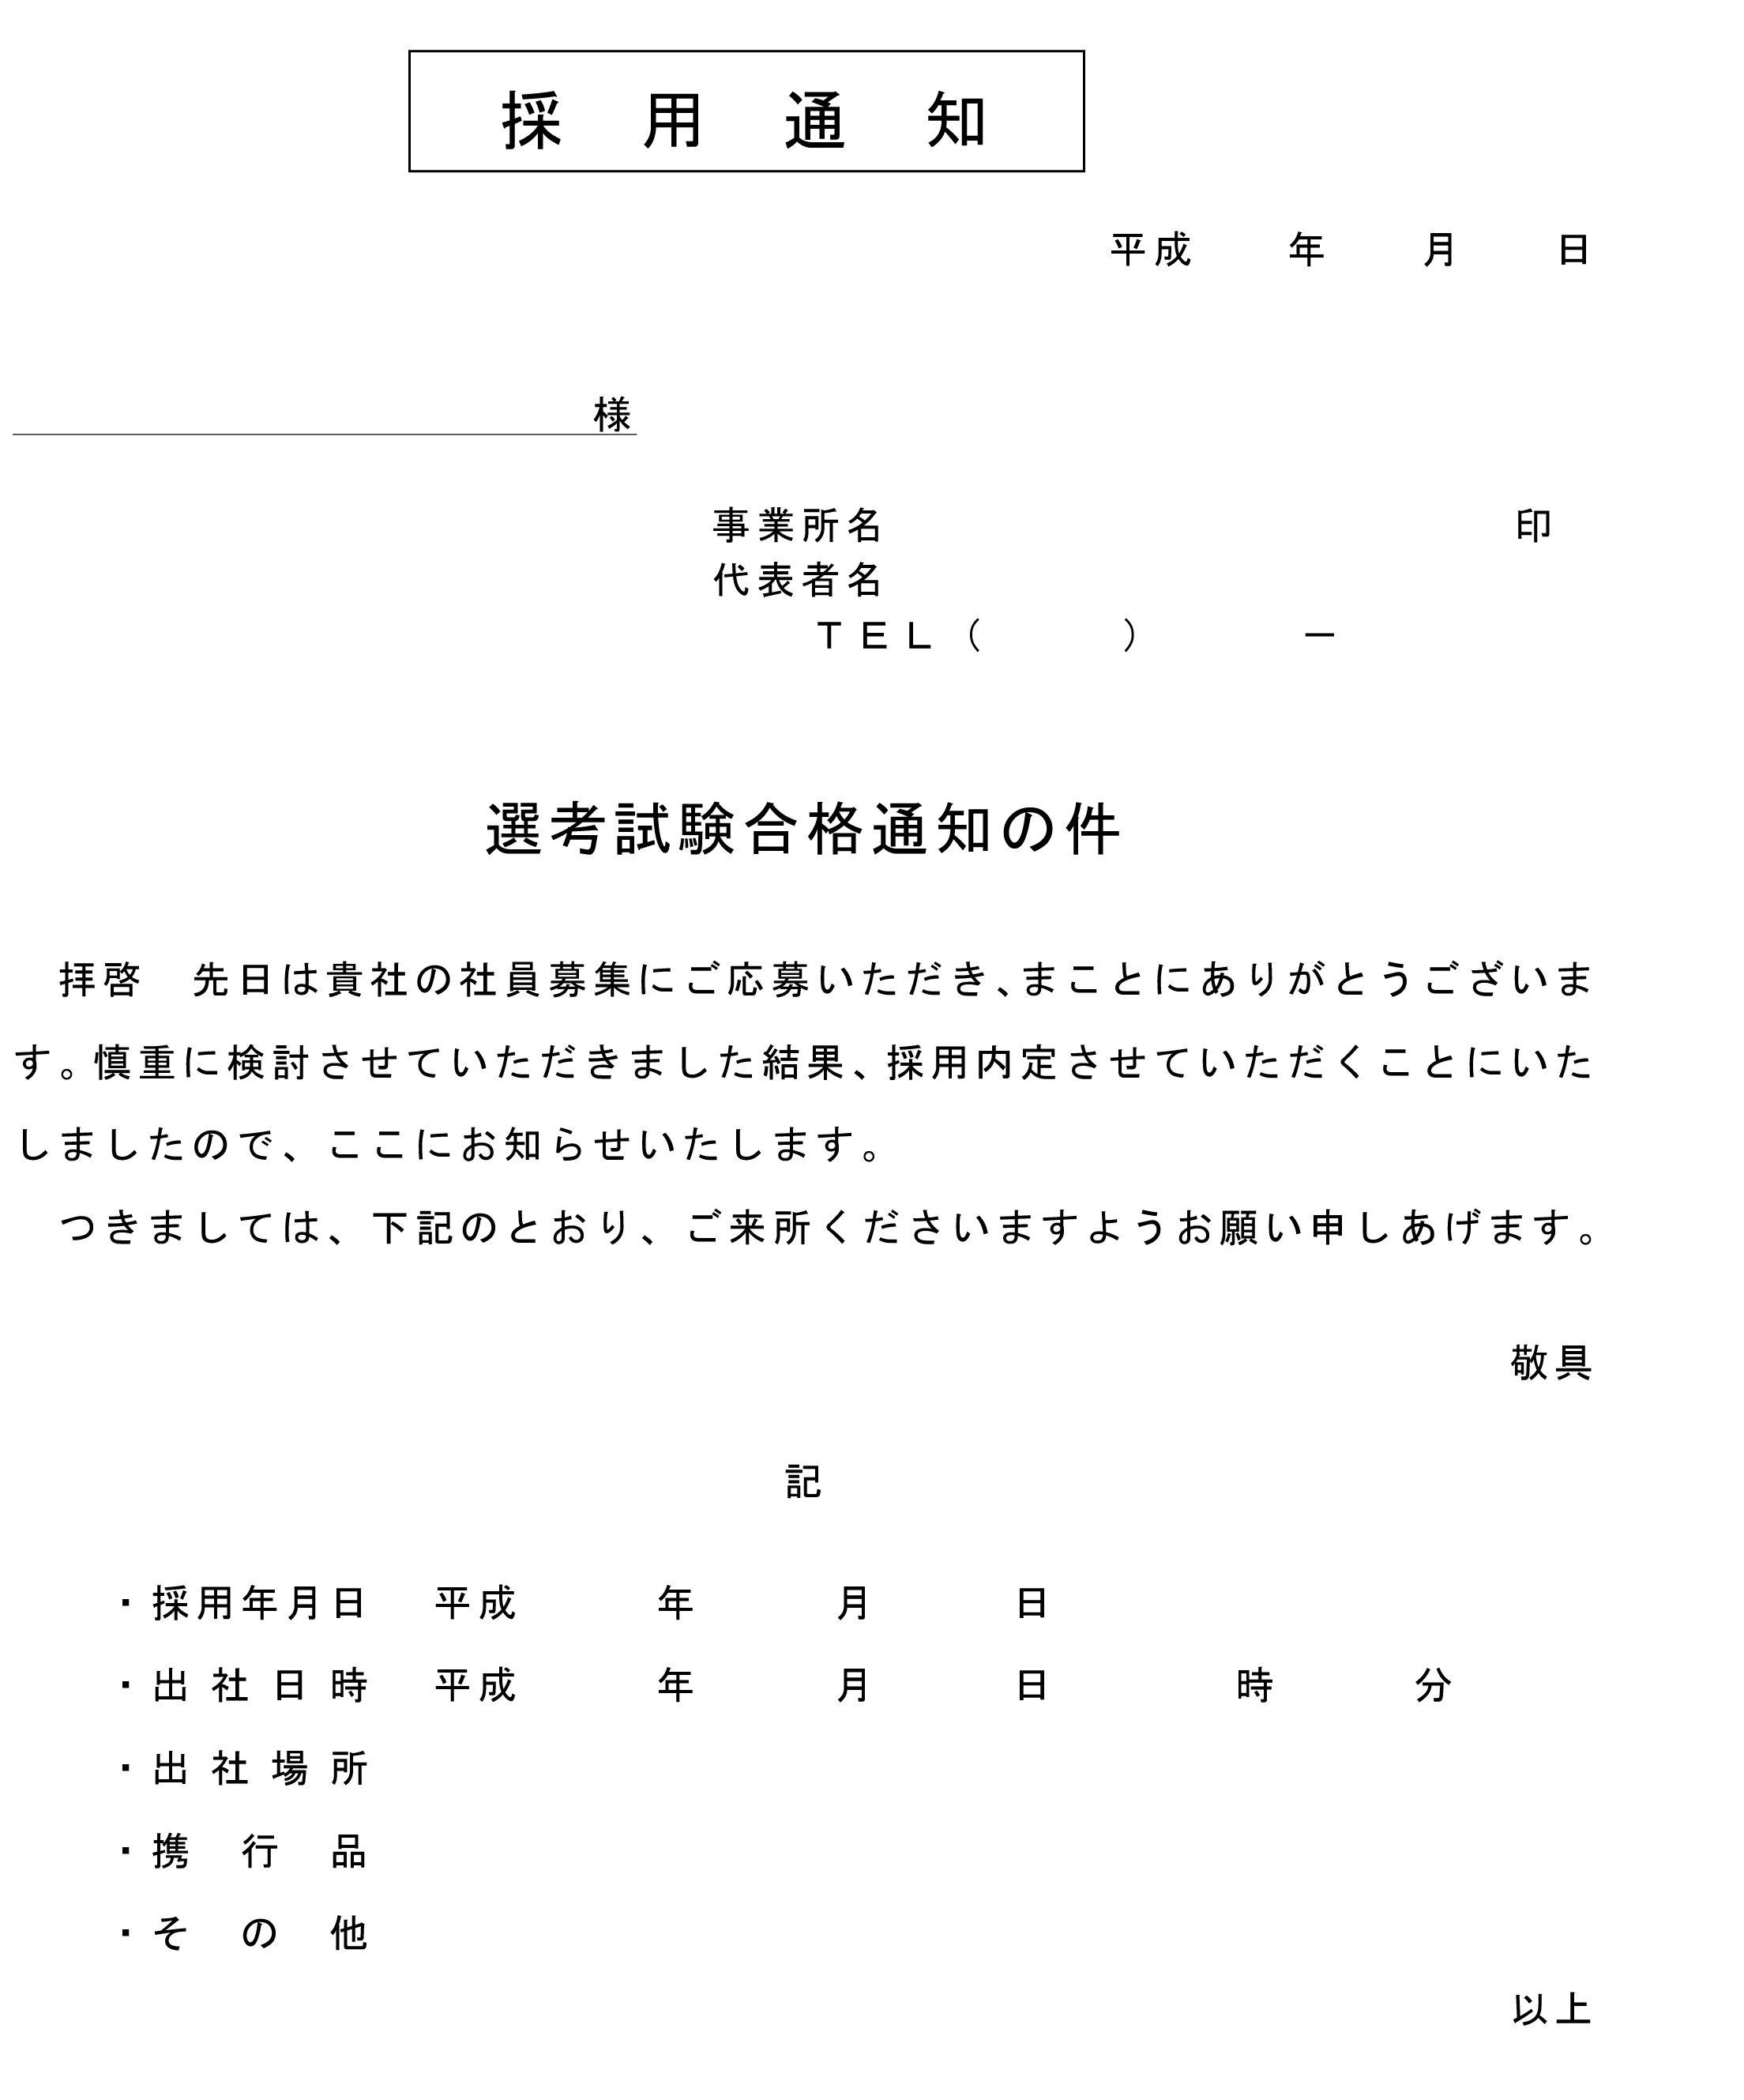 採用通知(選考試験合格通知)